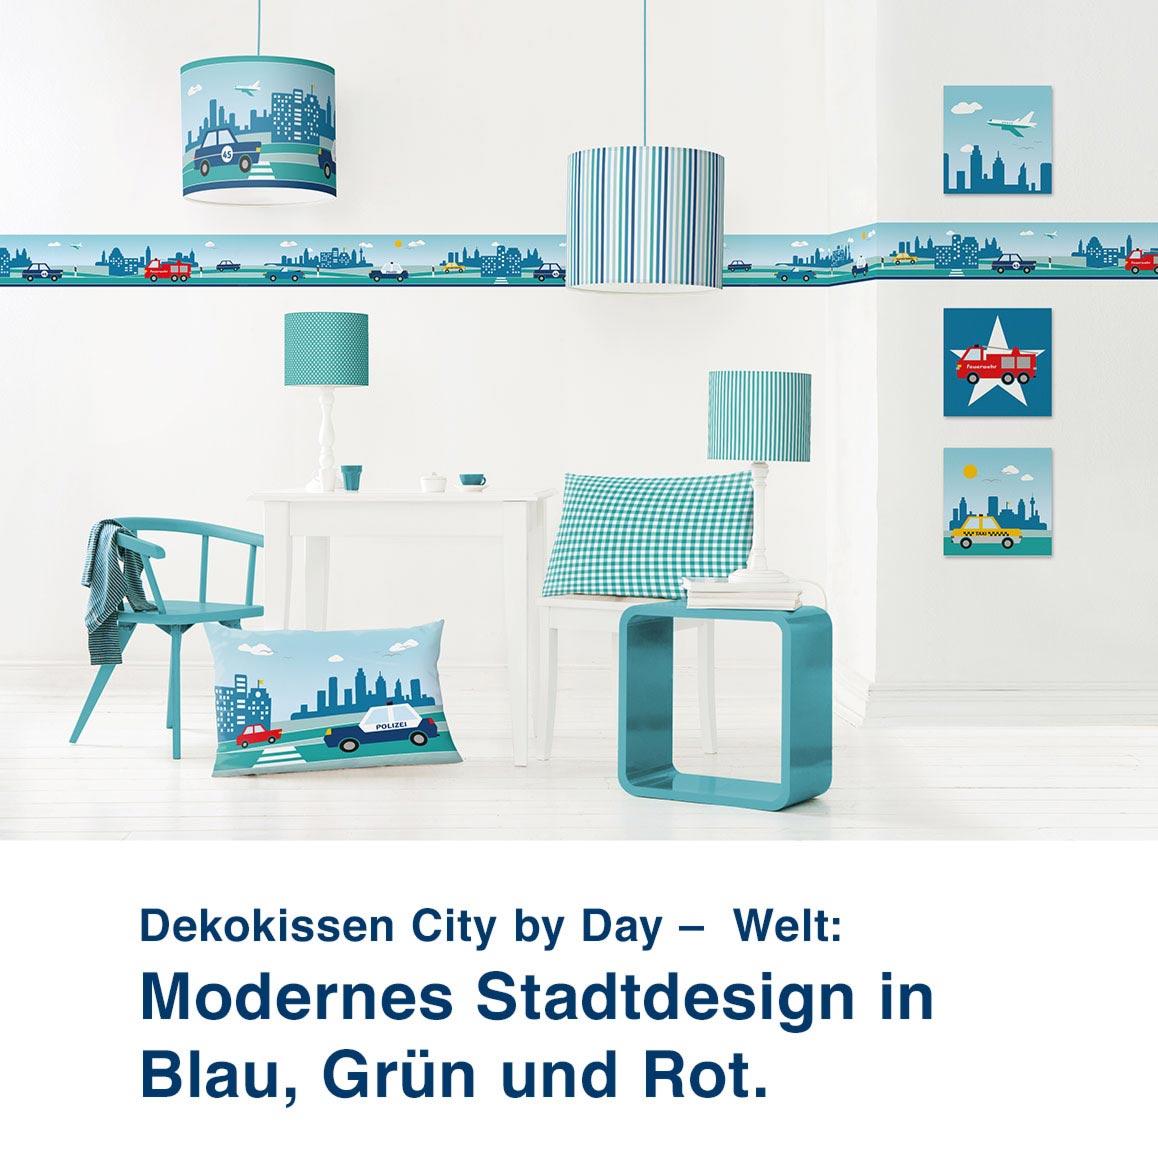 Dekokissen City by Day –  Welt:  Modernes Stadtdesign in  Blau, Grün und Rot.